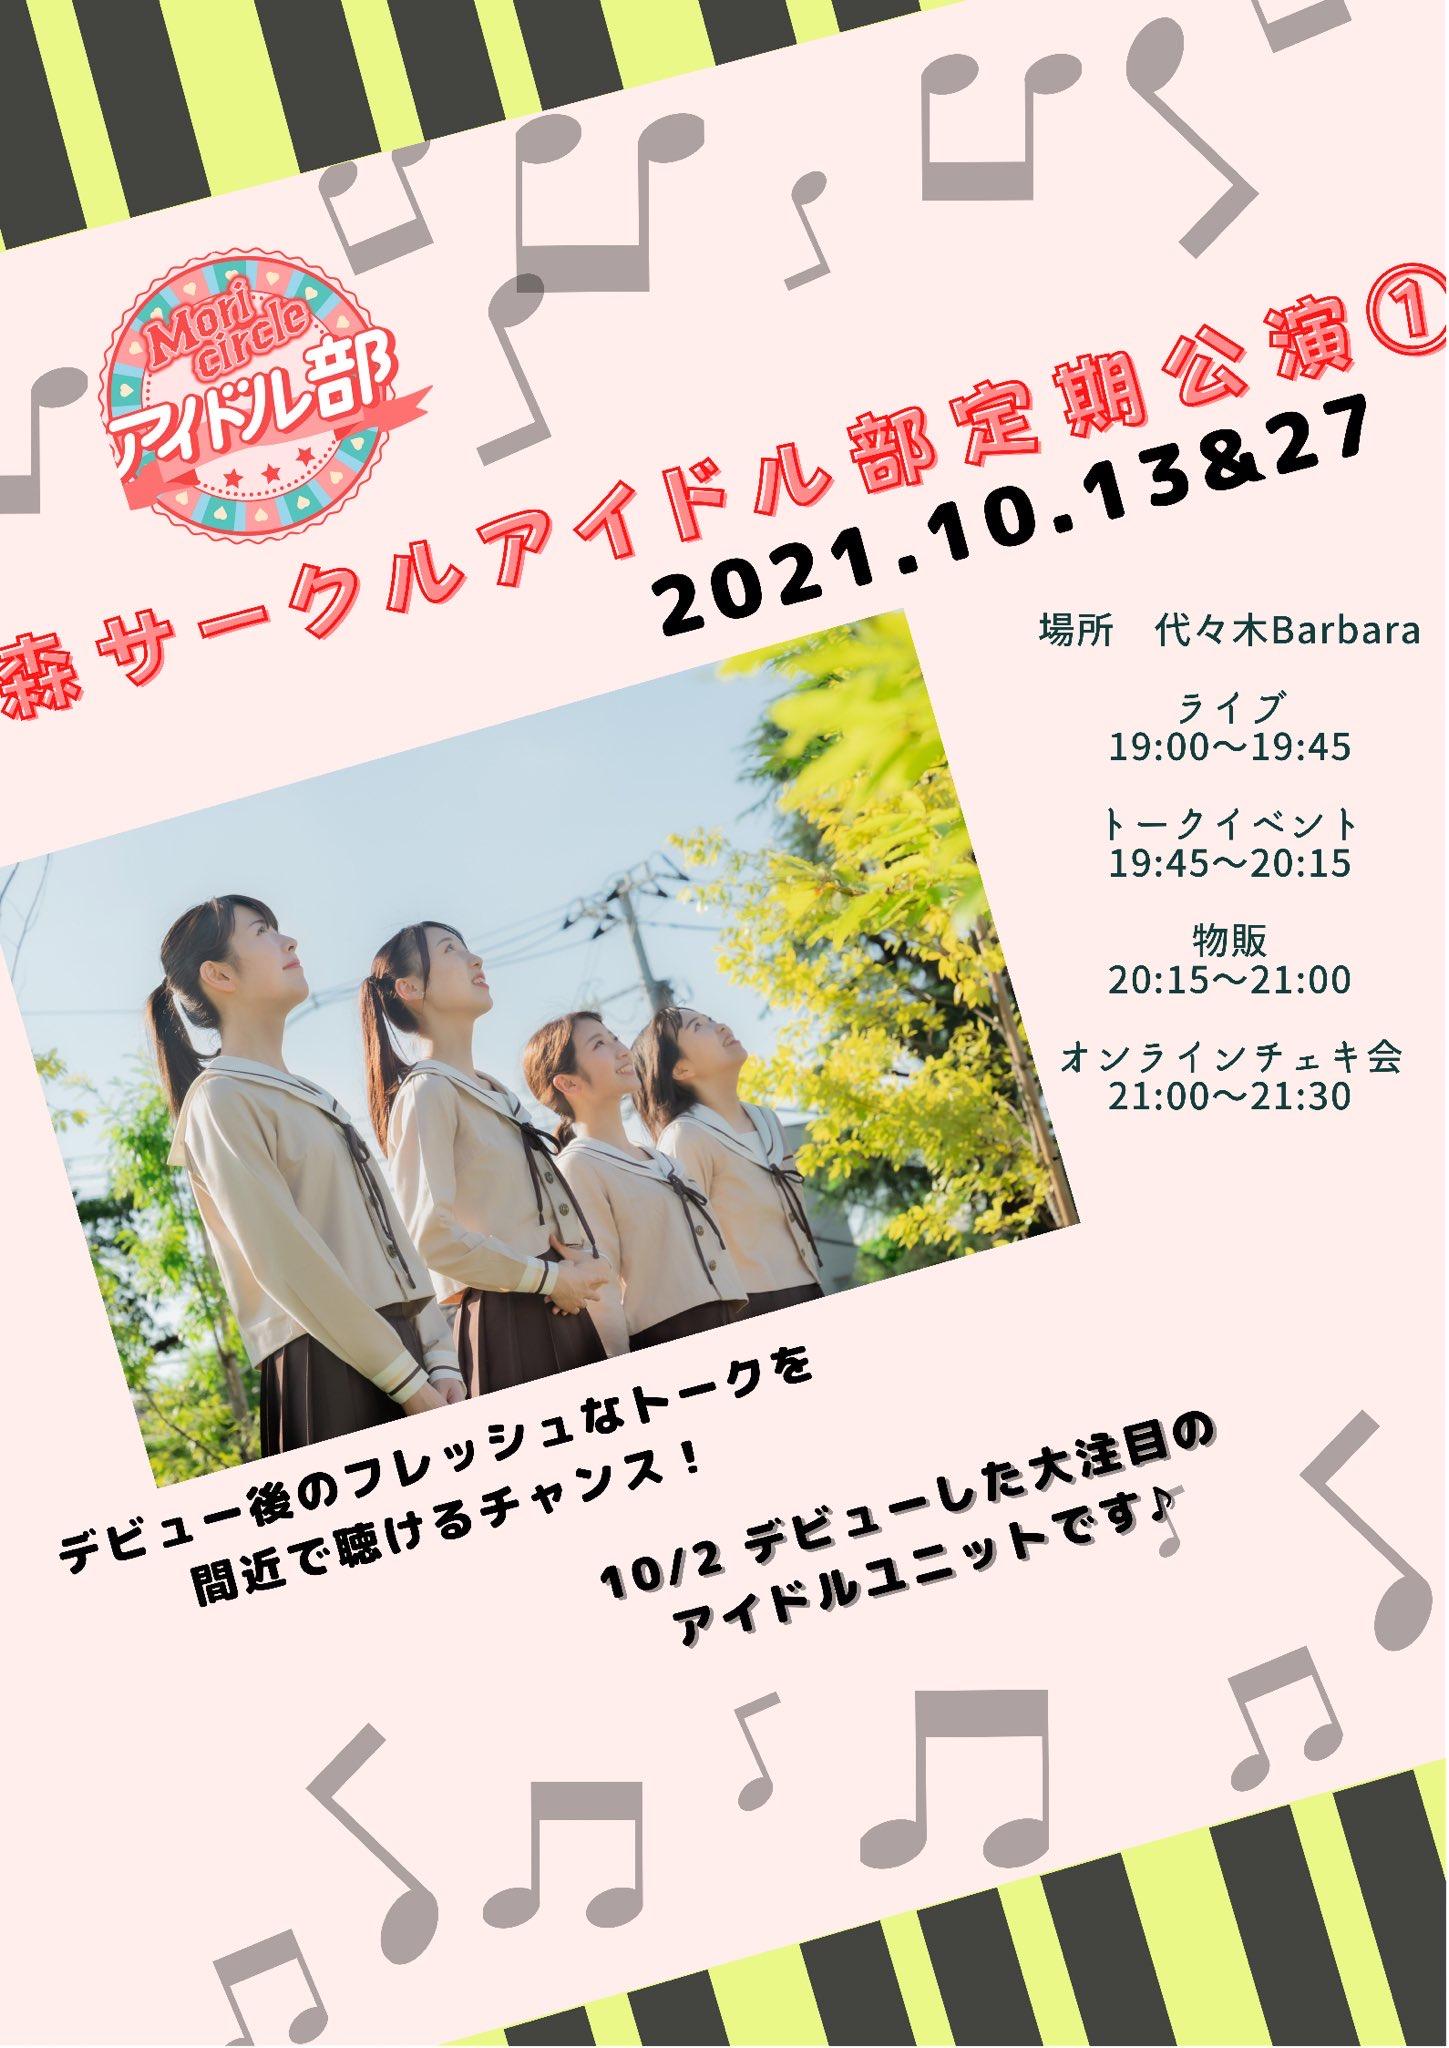 森サークルアイドル部定期公演vol.02@ライブハウス代々木Barbara